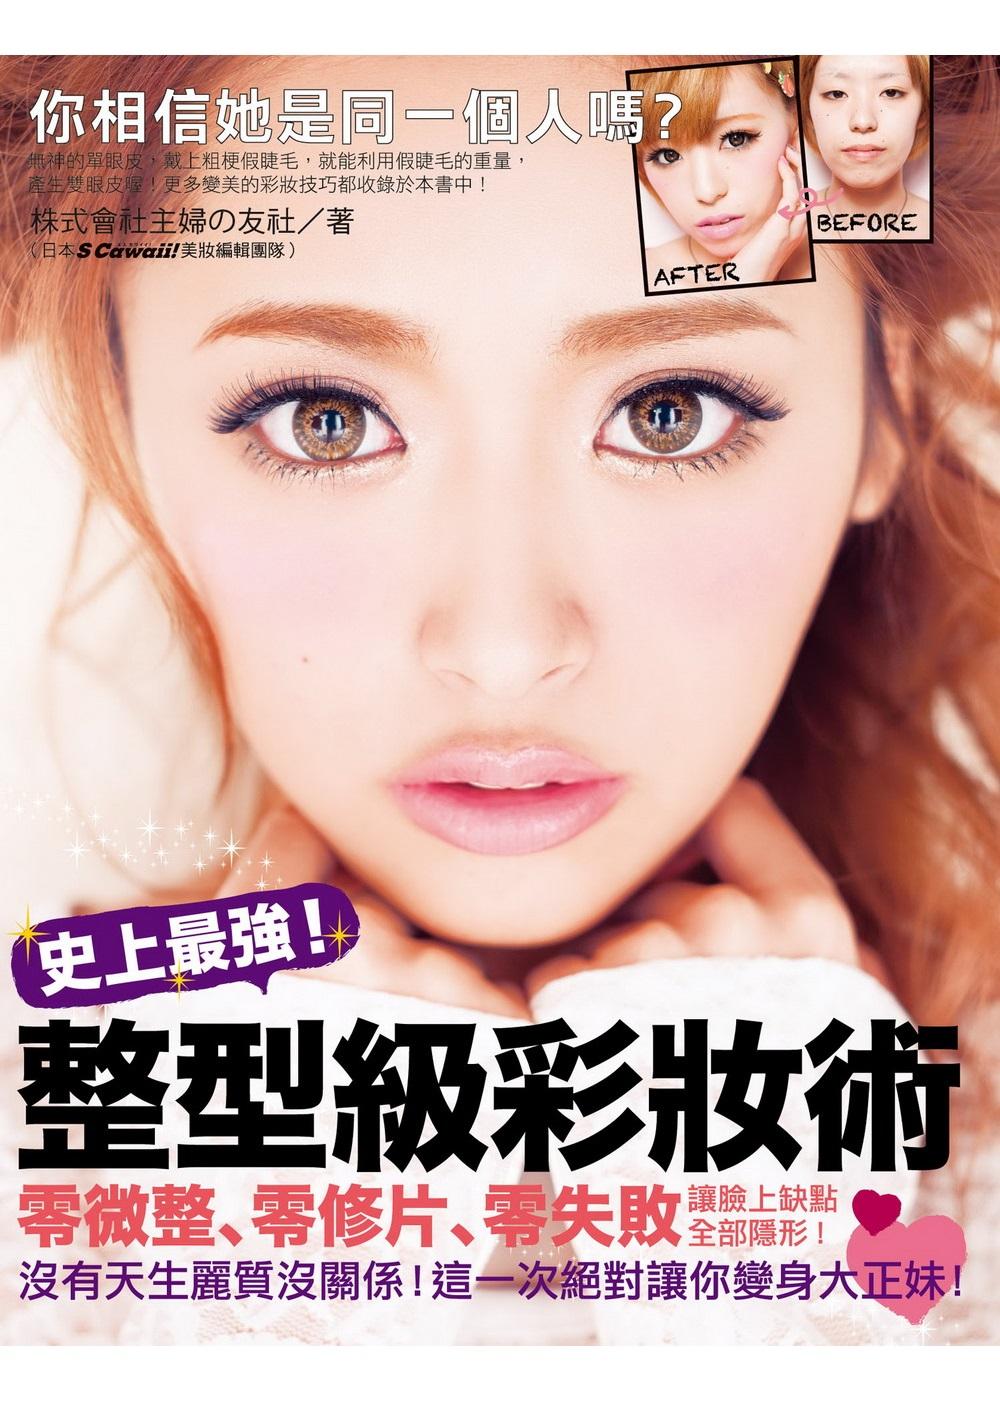 史上最強!整型級彩妝術:零微整、零修片、零失敗,讓臉上缺點全部隱形!